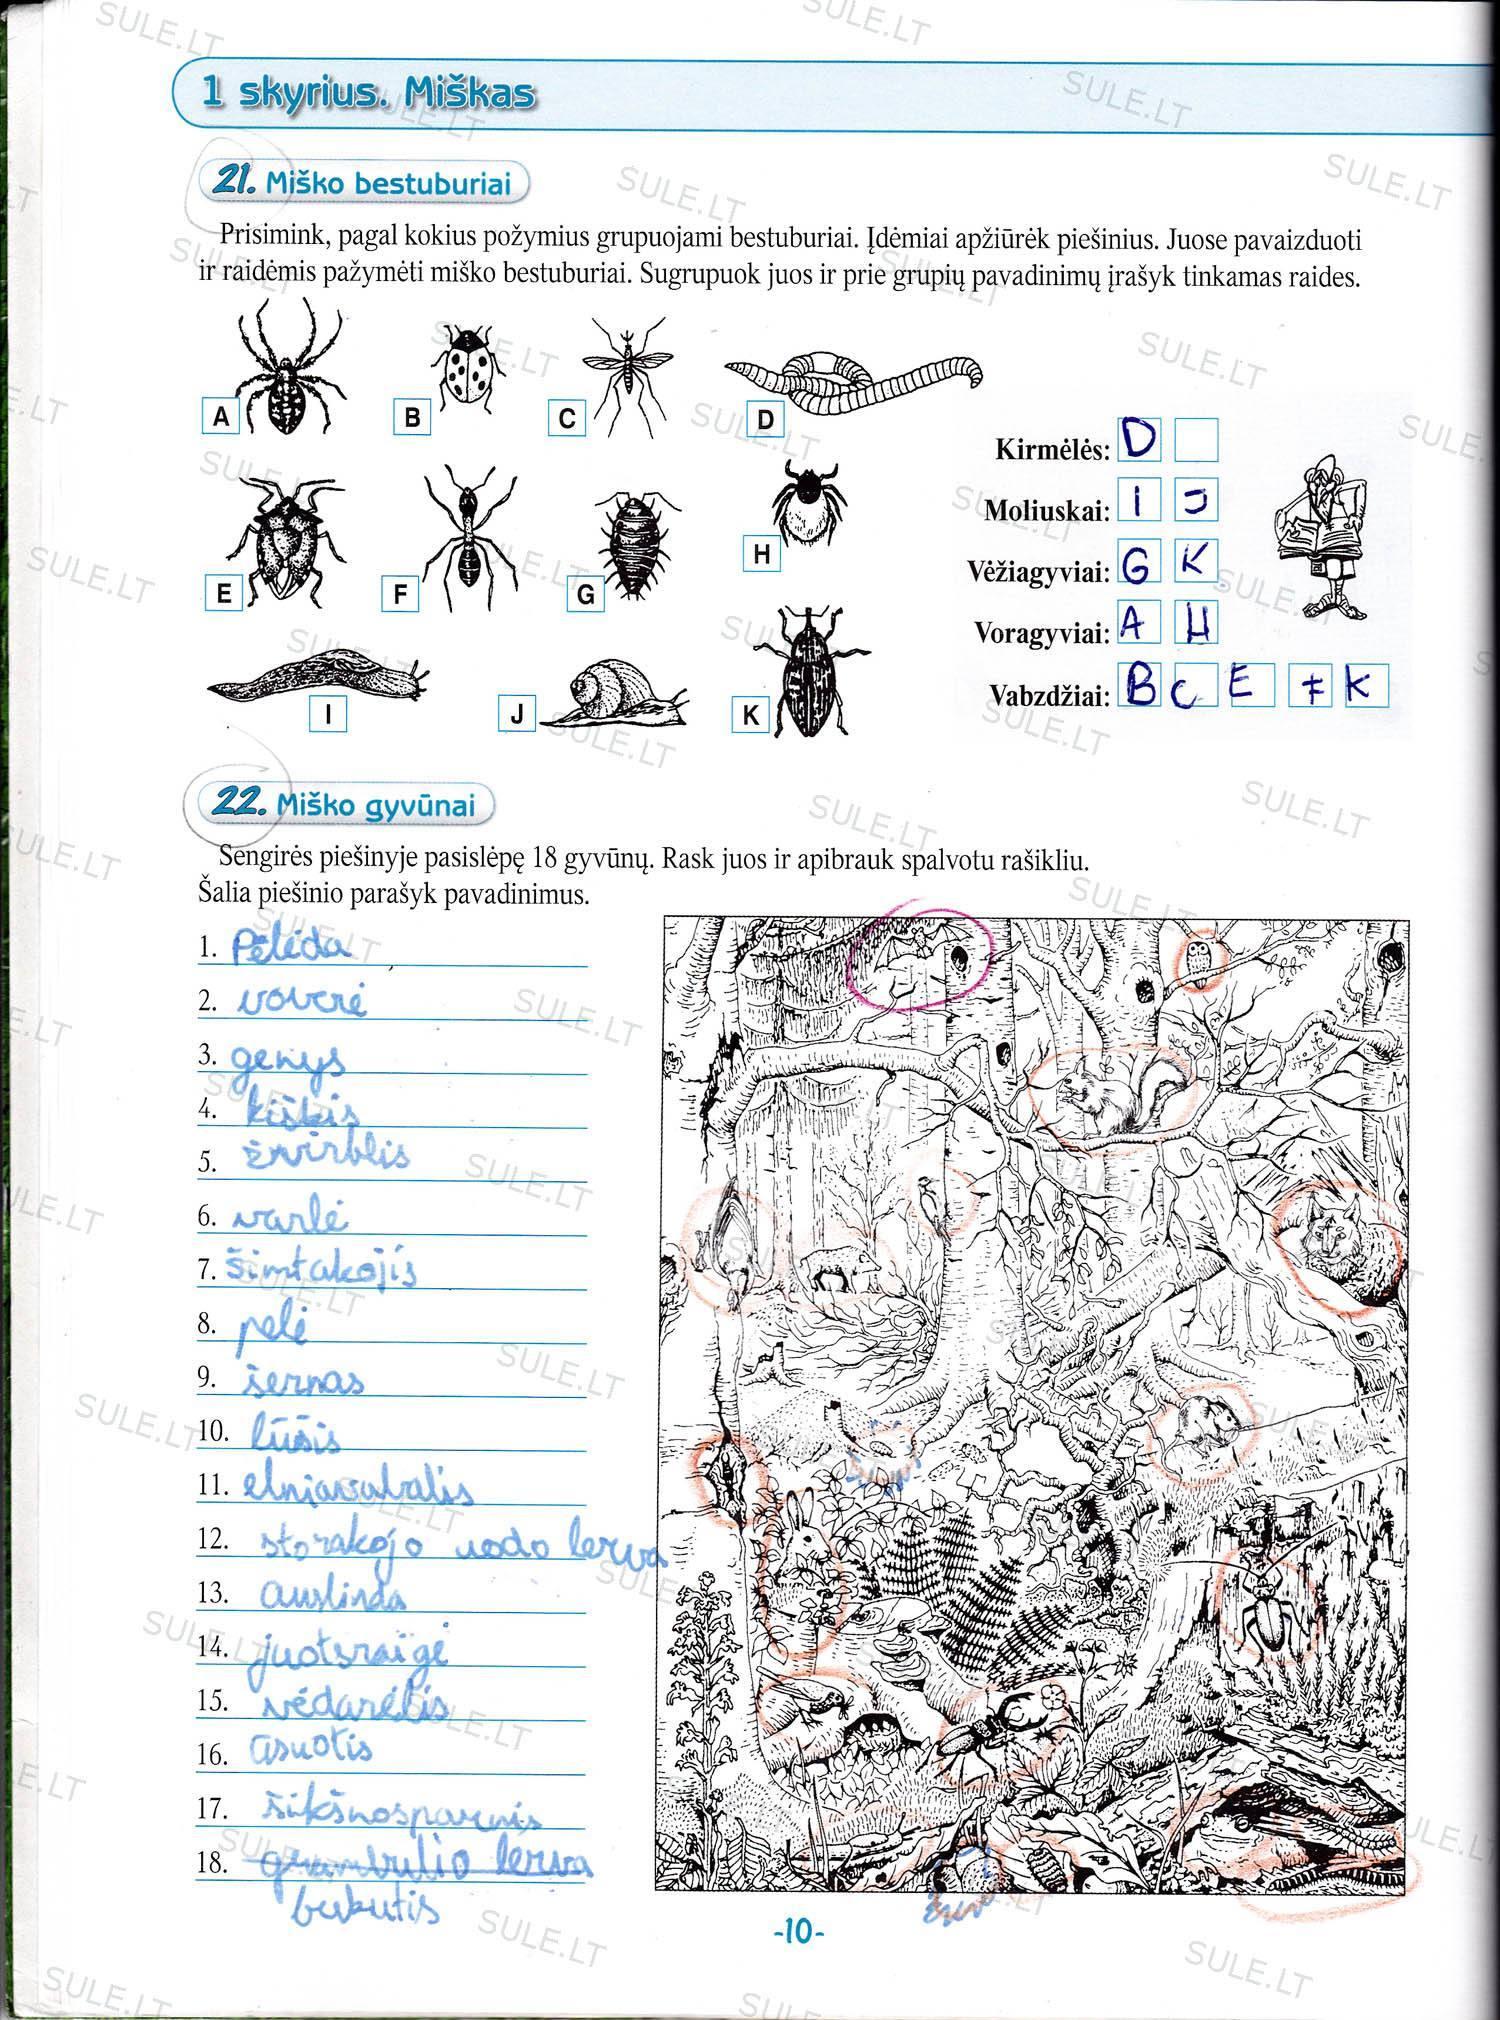 Biologija-6-klasei-2-dalis-10-puslapis1